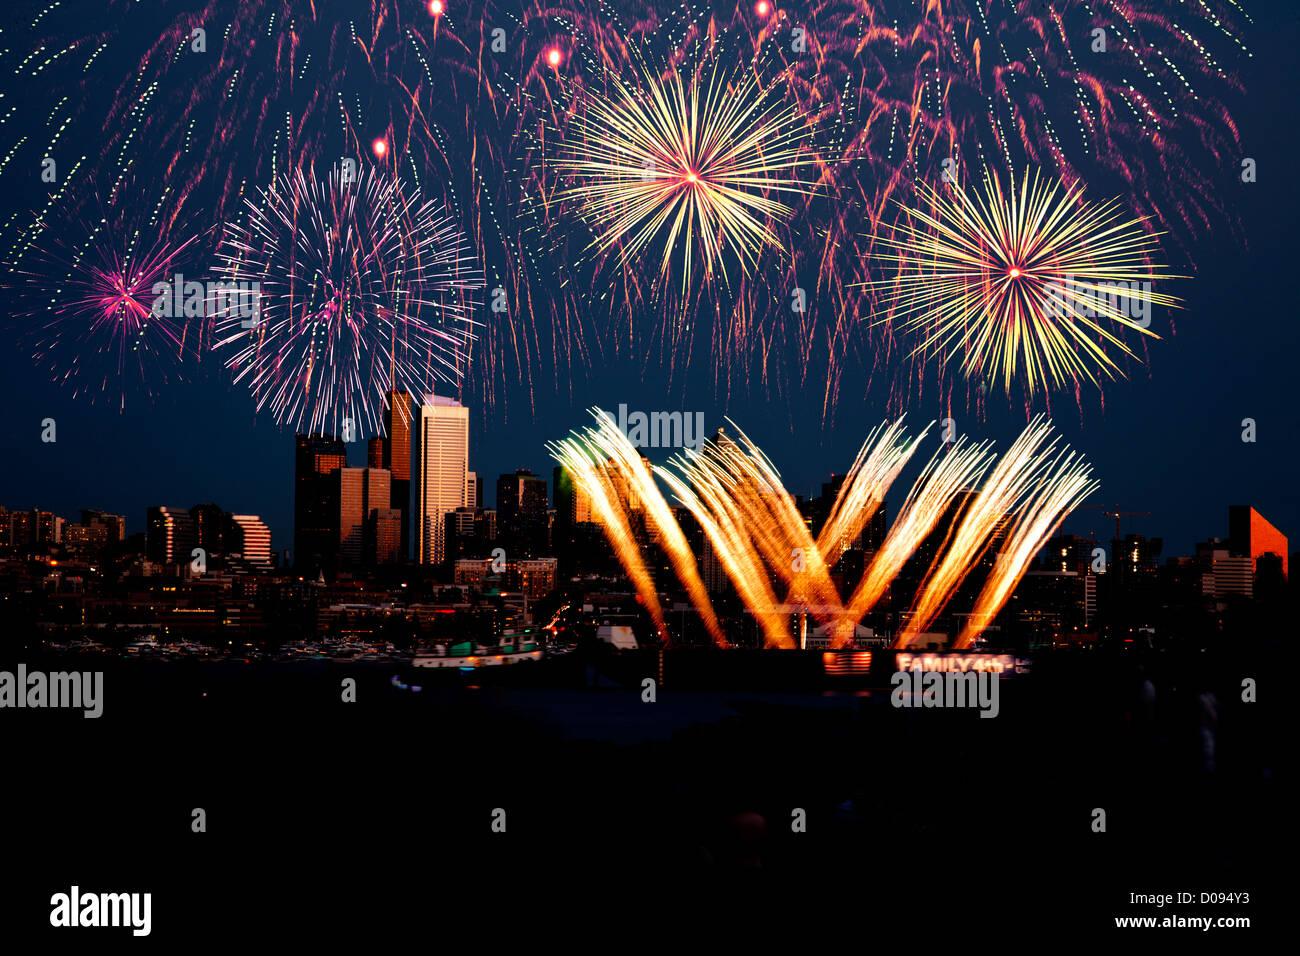 WA06702-00...WASHINGTON - Quatrième de juillet d'artifice sur Lake Union à Seattle. Banque D'Images